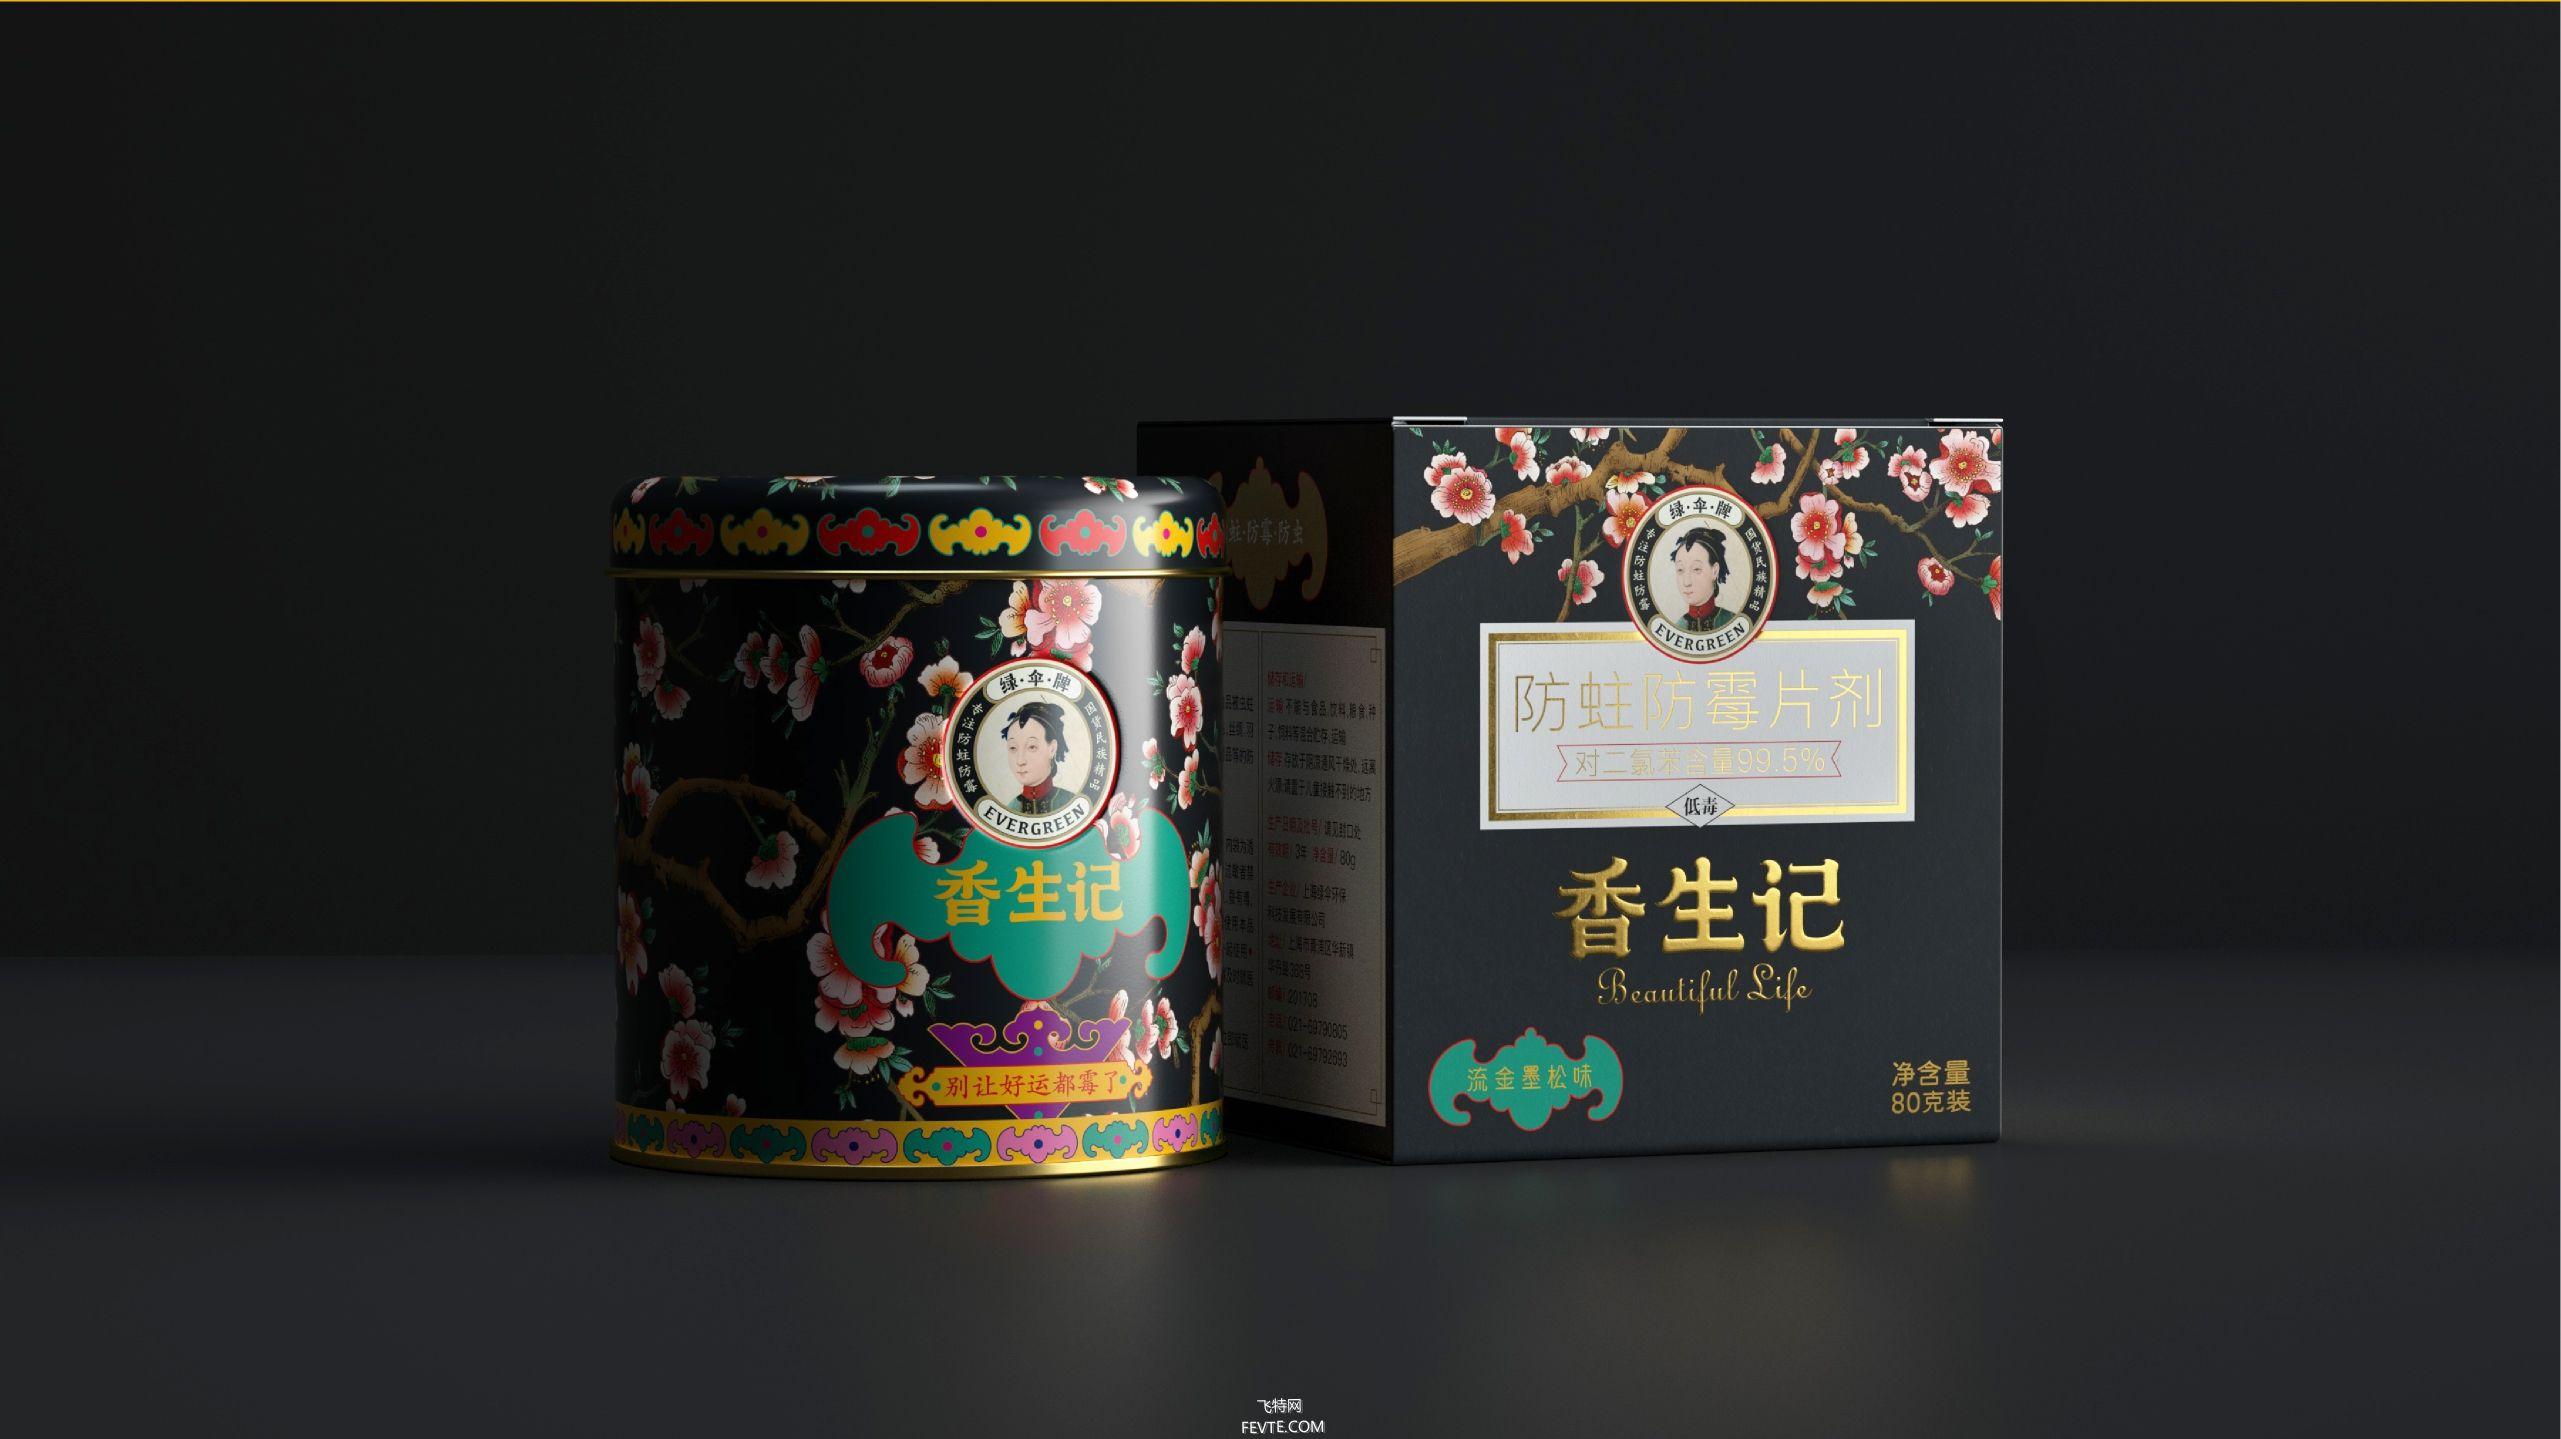 喜鹊包装设计实验室-香生记防霉片礼盒包装设计 飞特网 日用品包装设计